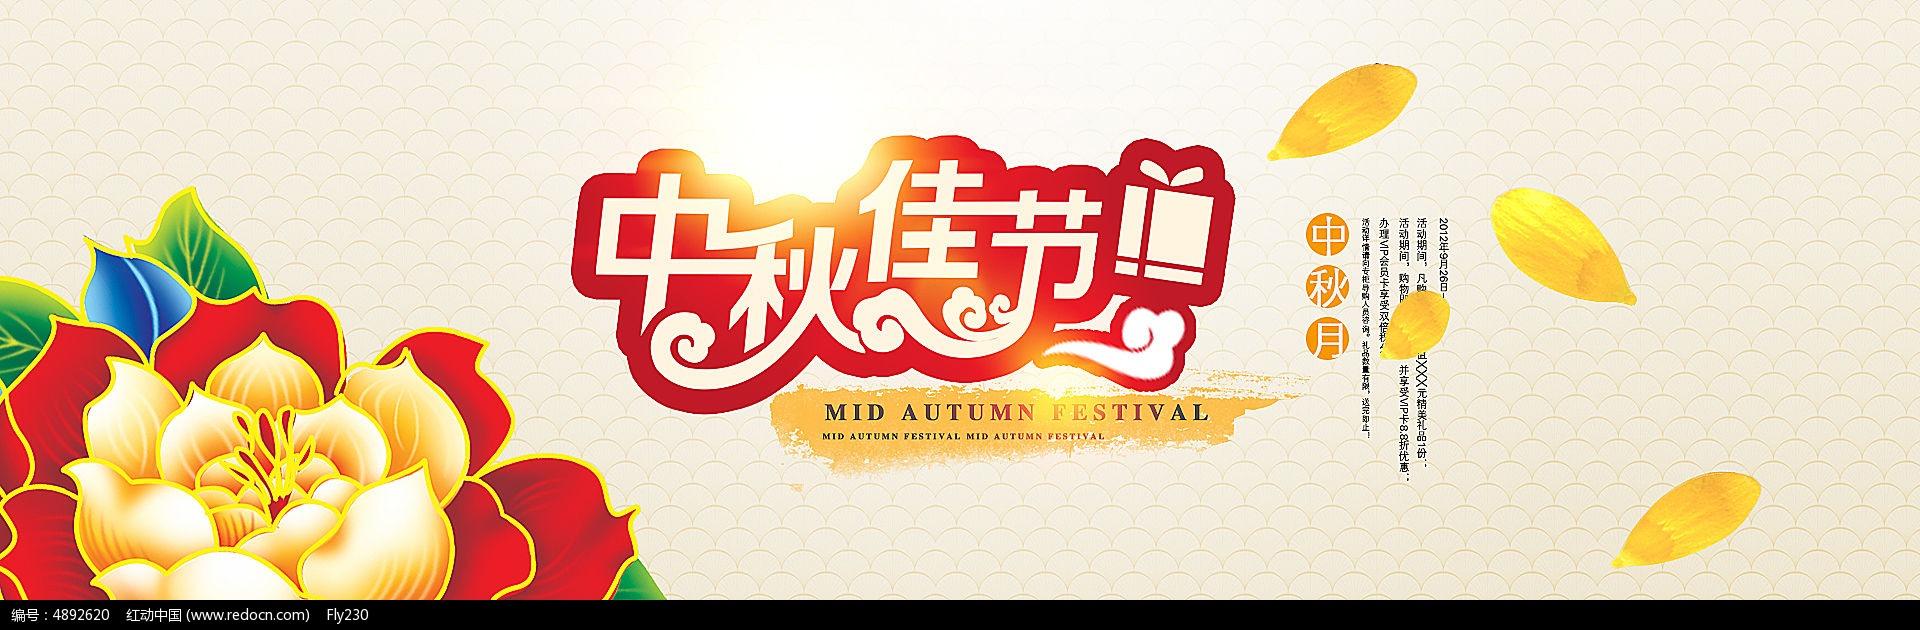 淘宝天猫中秋节活动促销广告设计模板